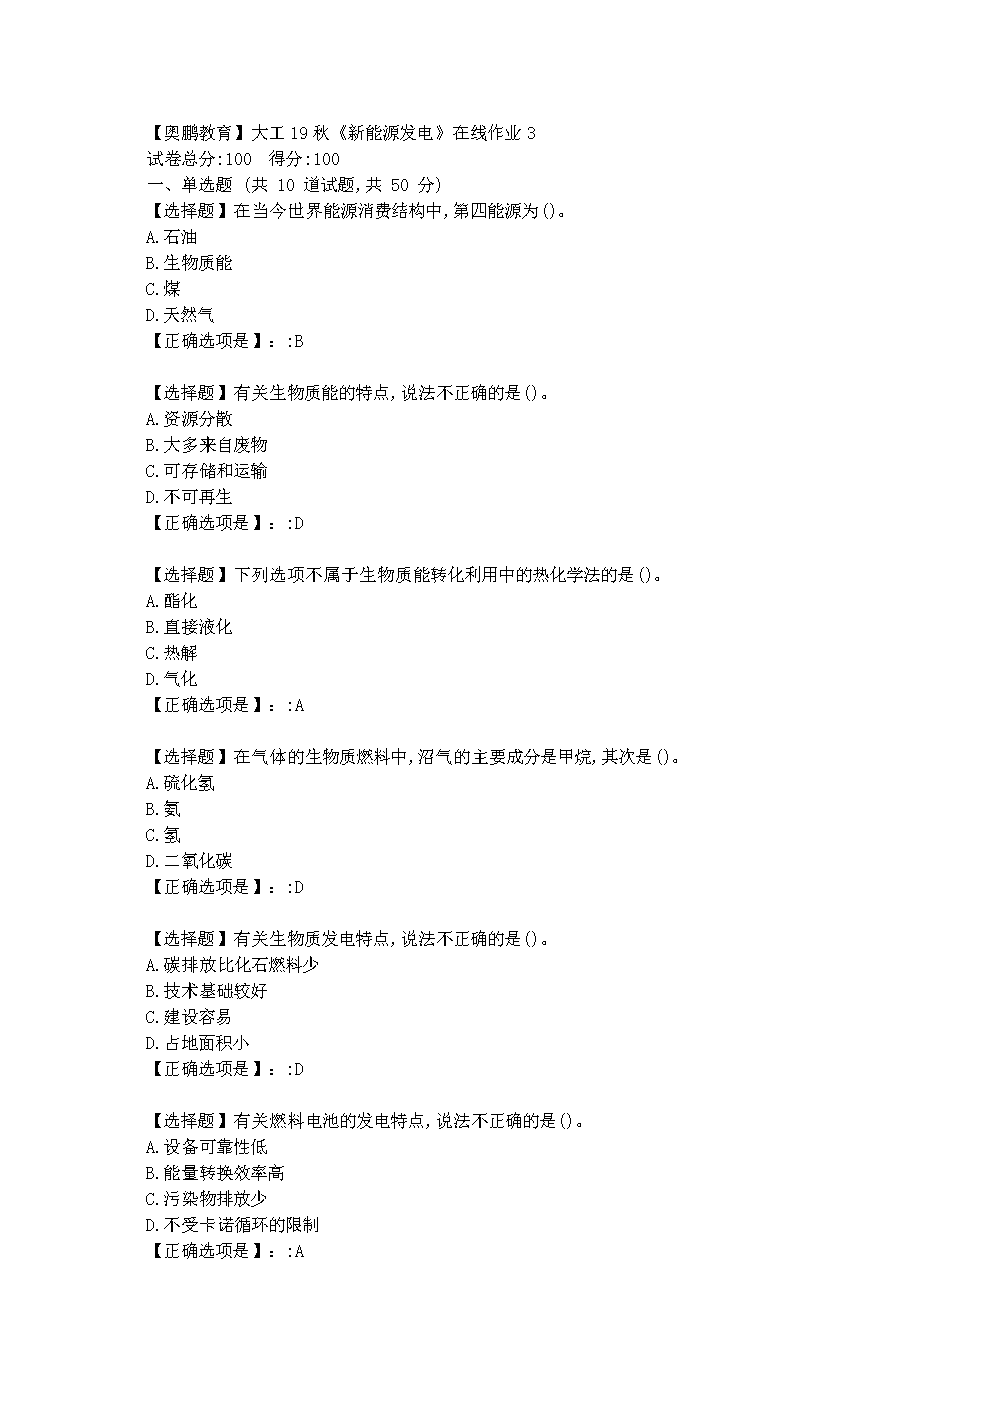 大连理工大学19秋《新能源发电》在线作业3学习资料.doc